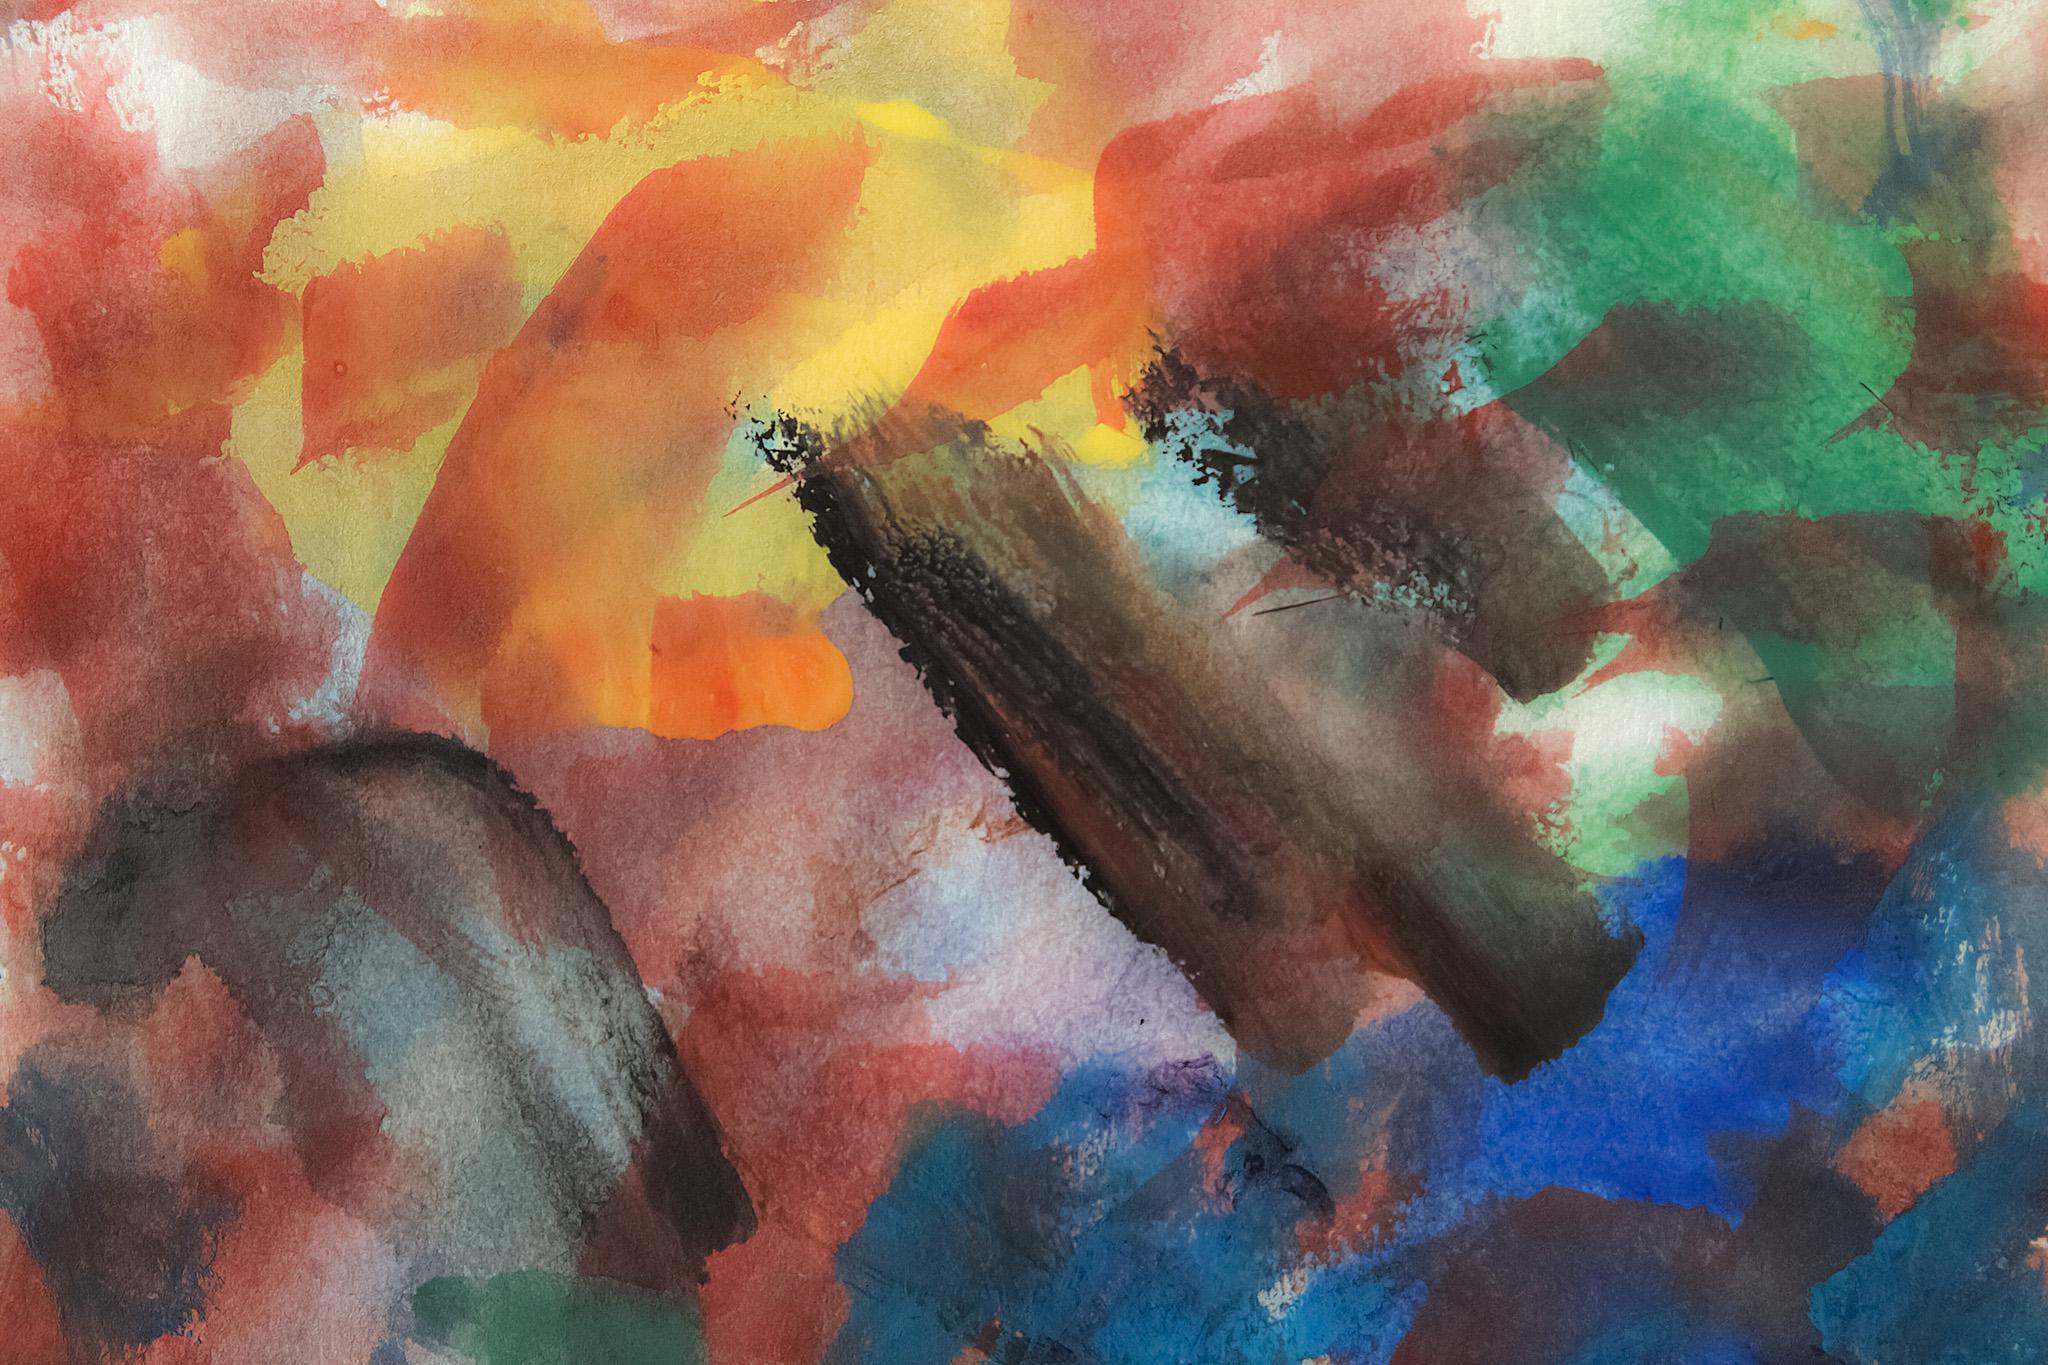 「多彩な筆跡の水彩薄塗り背景」